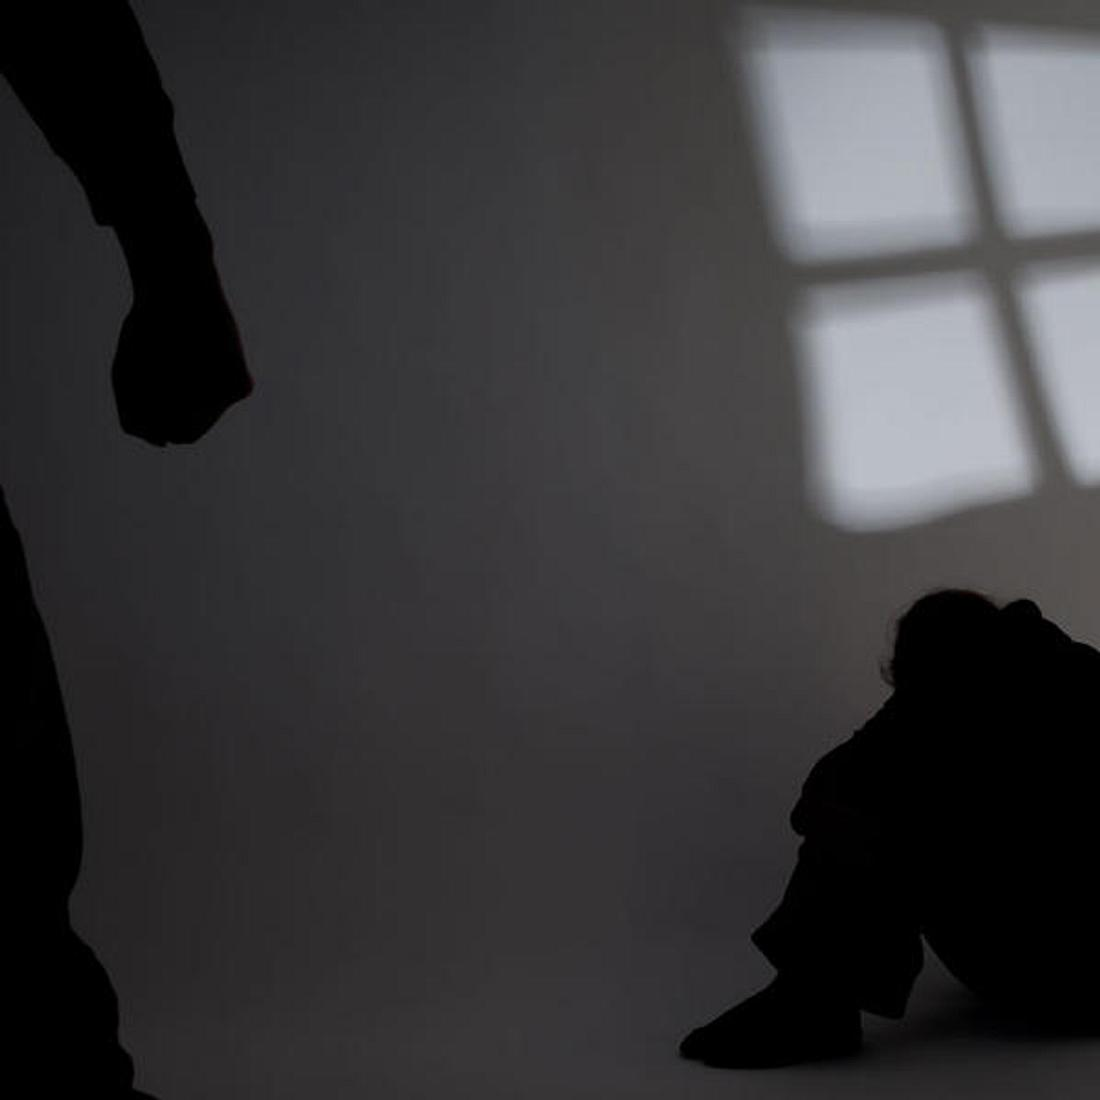 Sie wurde 10 Jahre lang vergewaltigt und geschlagen